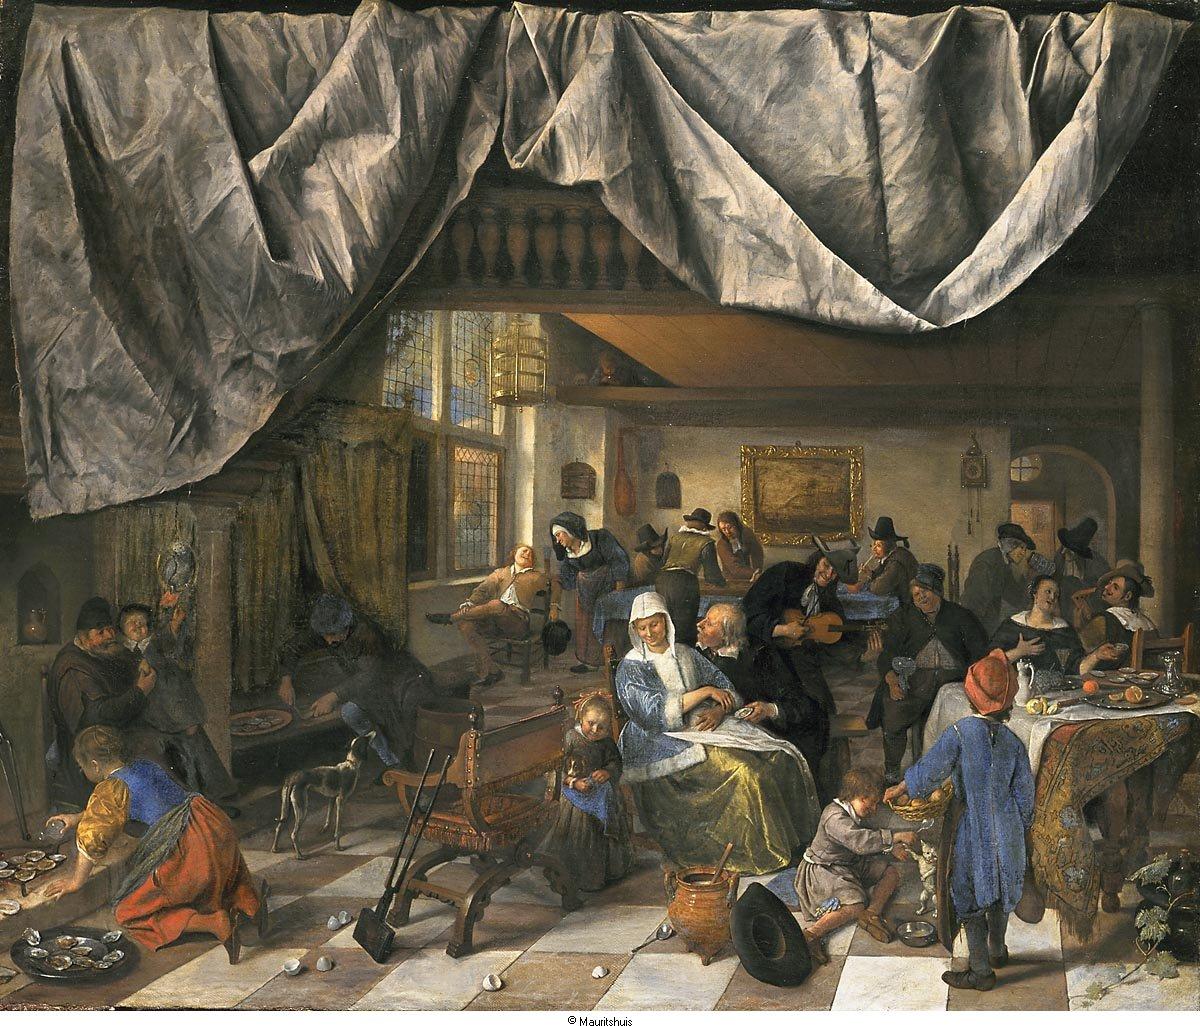 39 het toneel van de wereld 39 het geheugen van nederland online beeldbank van archieven musea - De thuisbasis van de wereld chesterfield ...